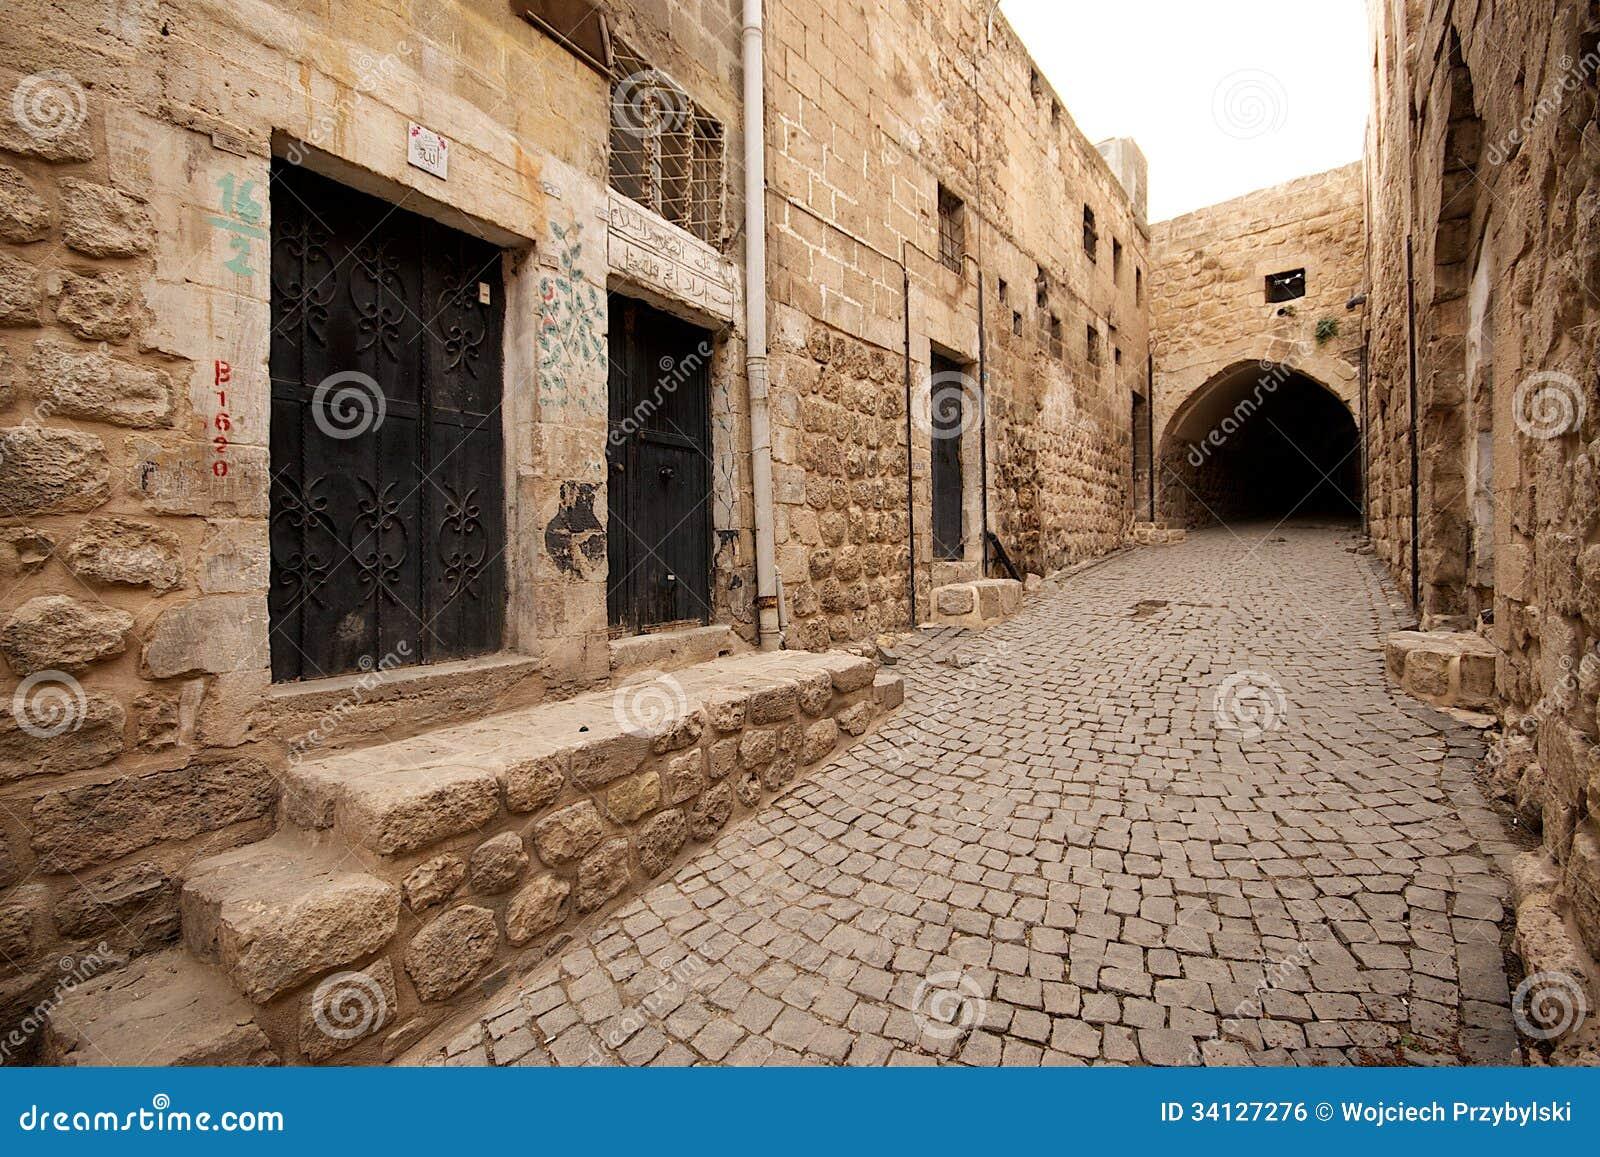 b timents en pierre de vieille ville de mardin en turquie. Black Bedroom Furniture Sets. Home Design Ideas